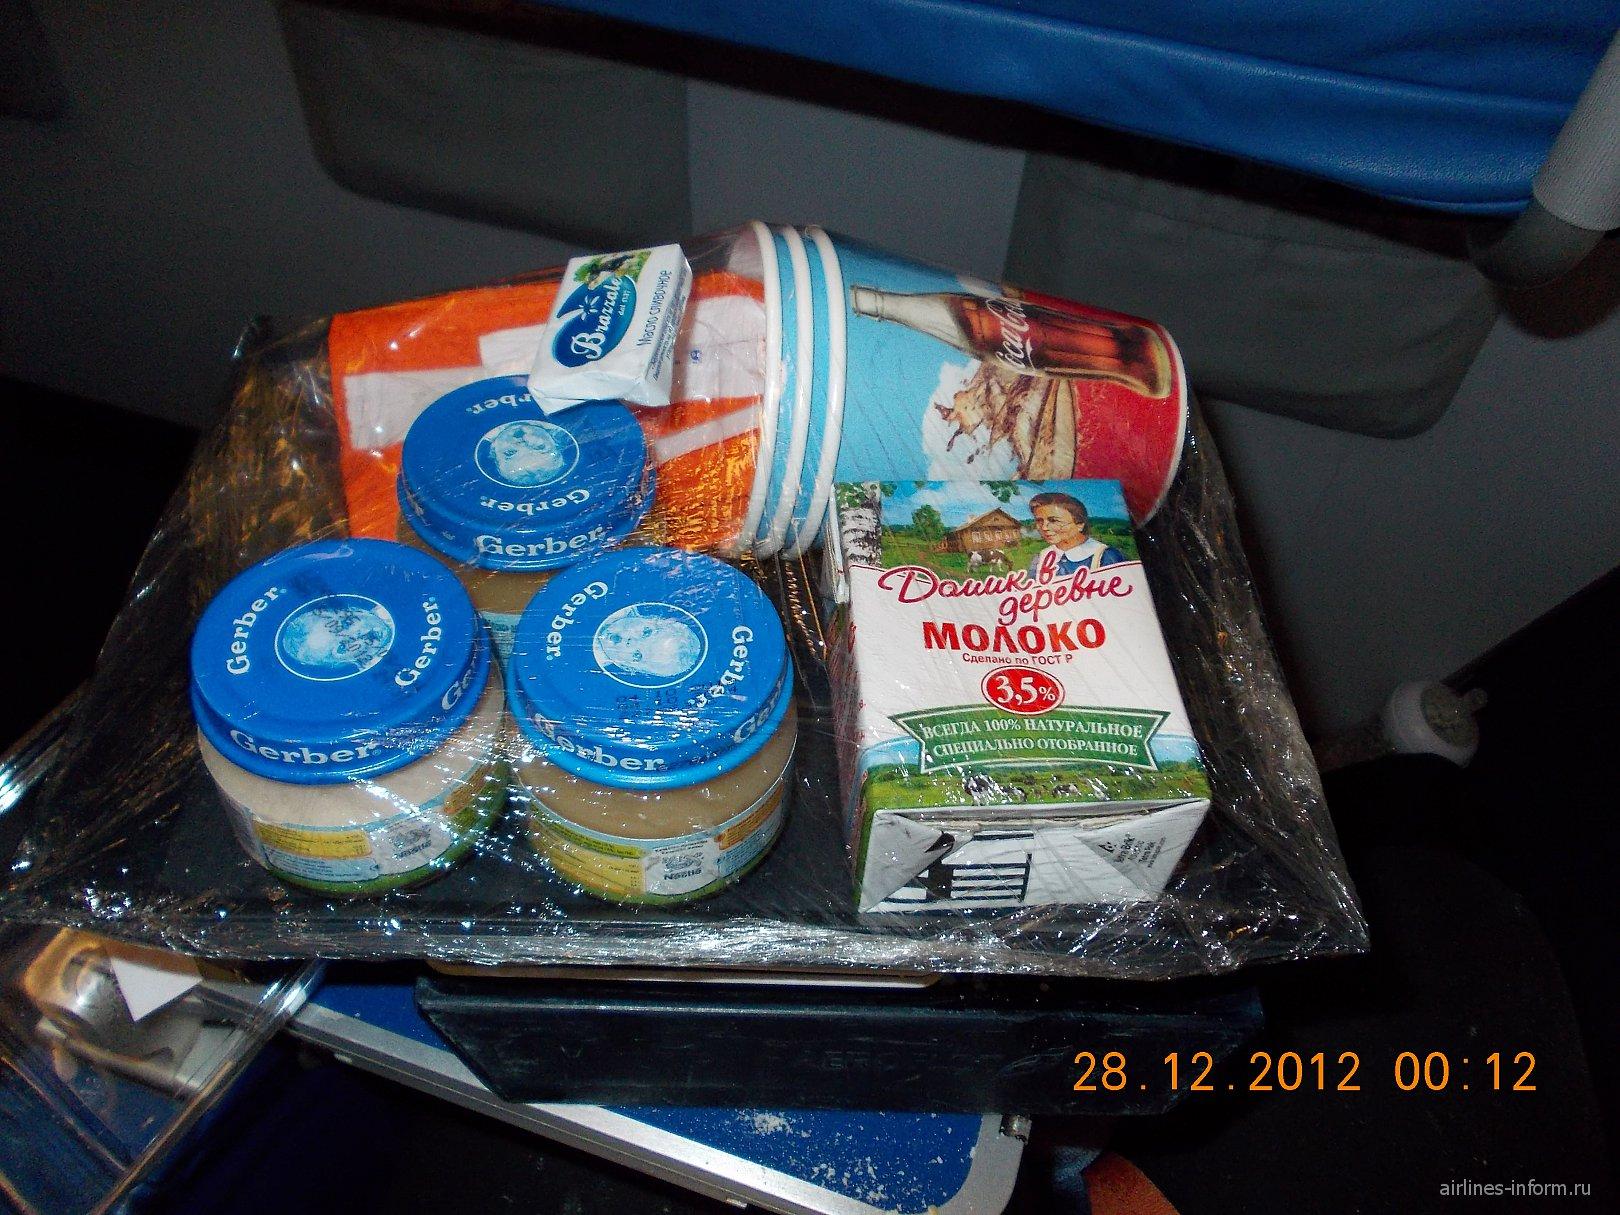 Детское питание на рейсе авиакомпании Аэрофлот Москва-Астрахань